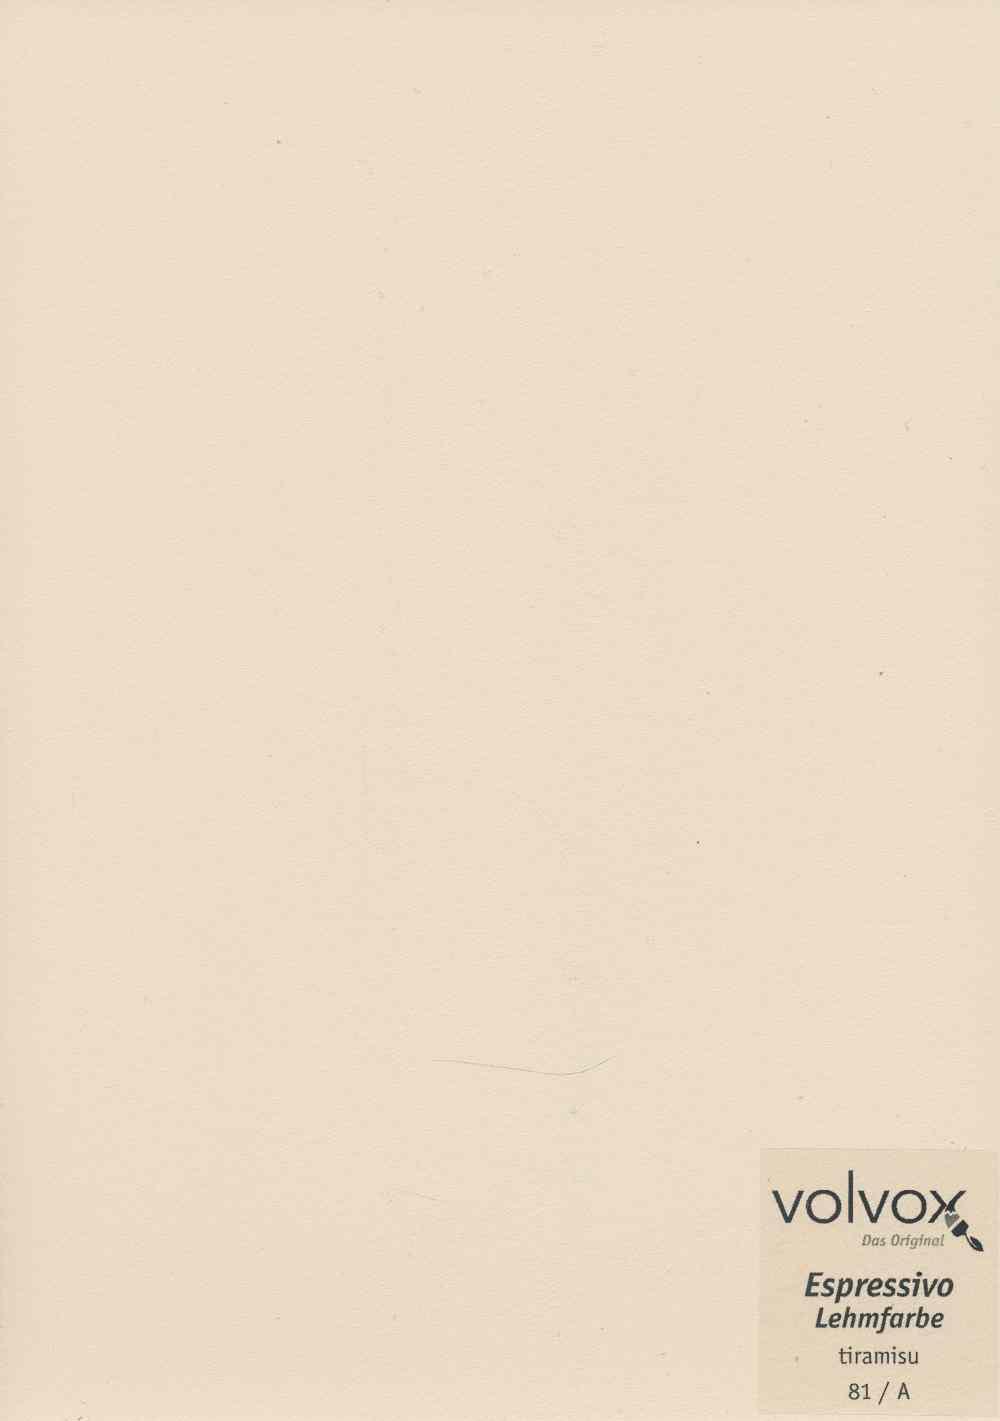 Volvox Espressivo Lehmfarbe 081 tiramisu